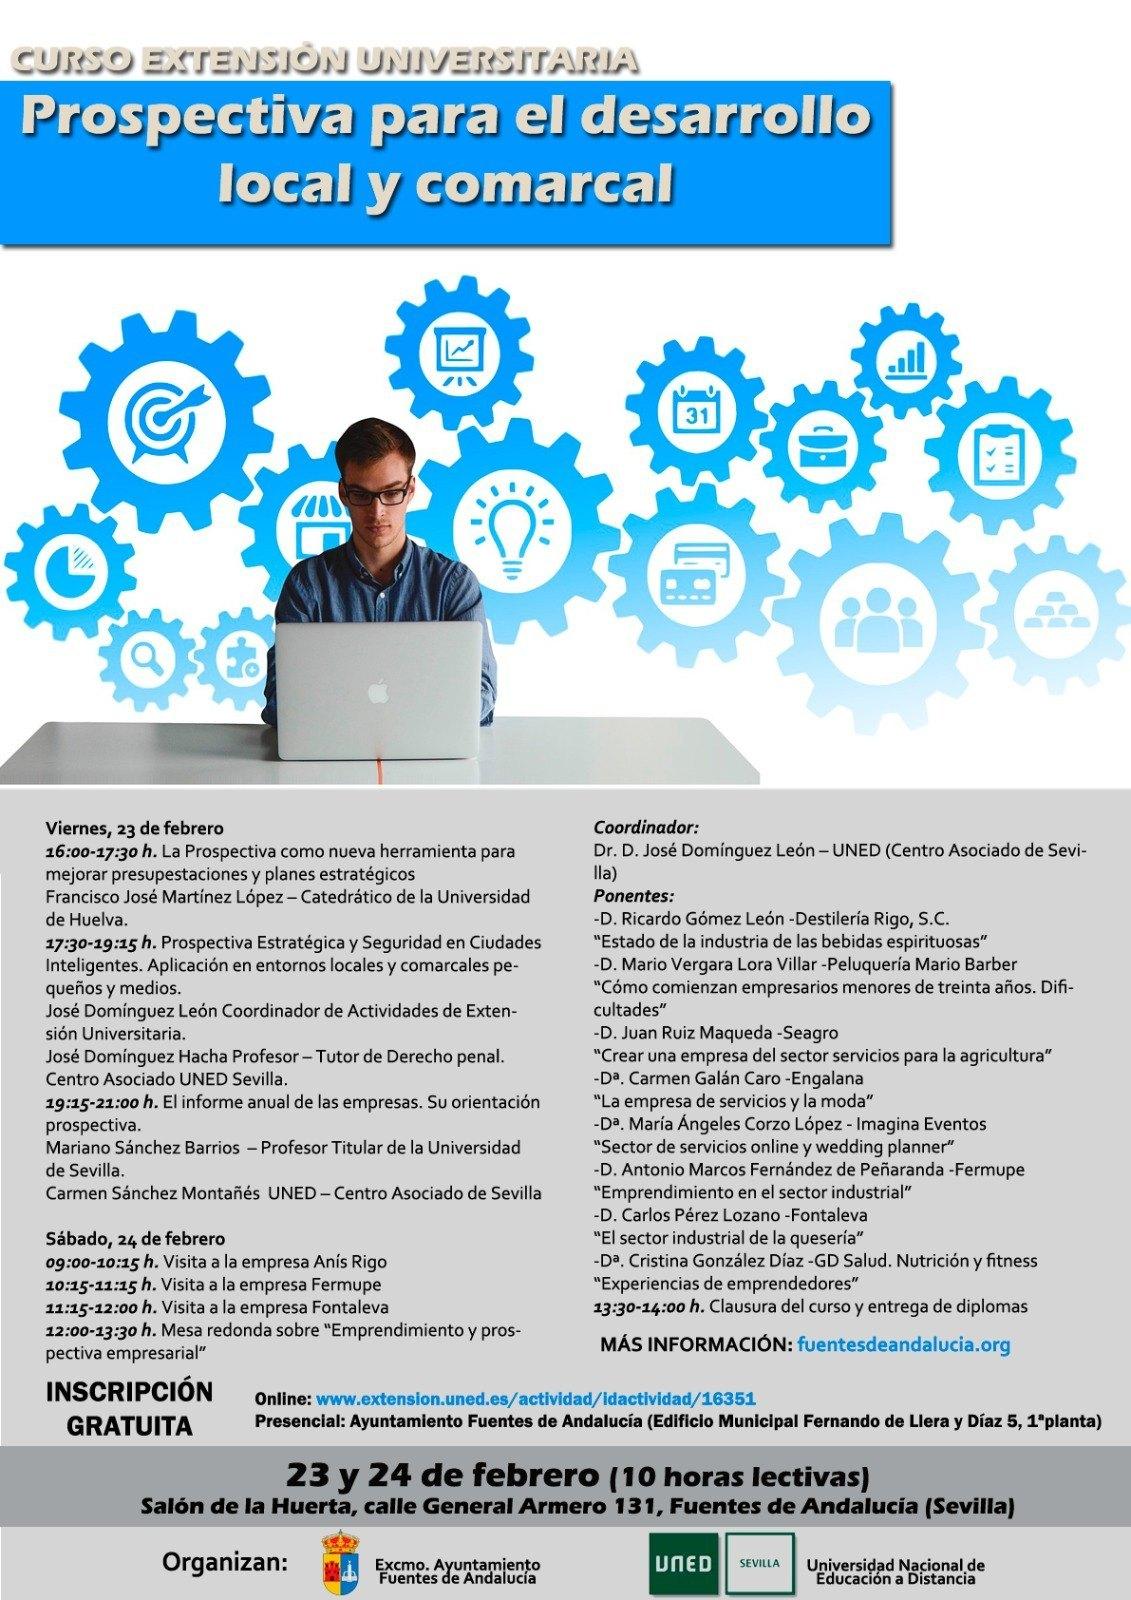 Hoy comienza el curso prospectiva para el desarrollo - Oficina virtual inem ...